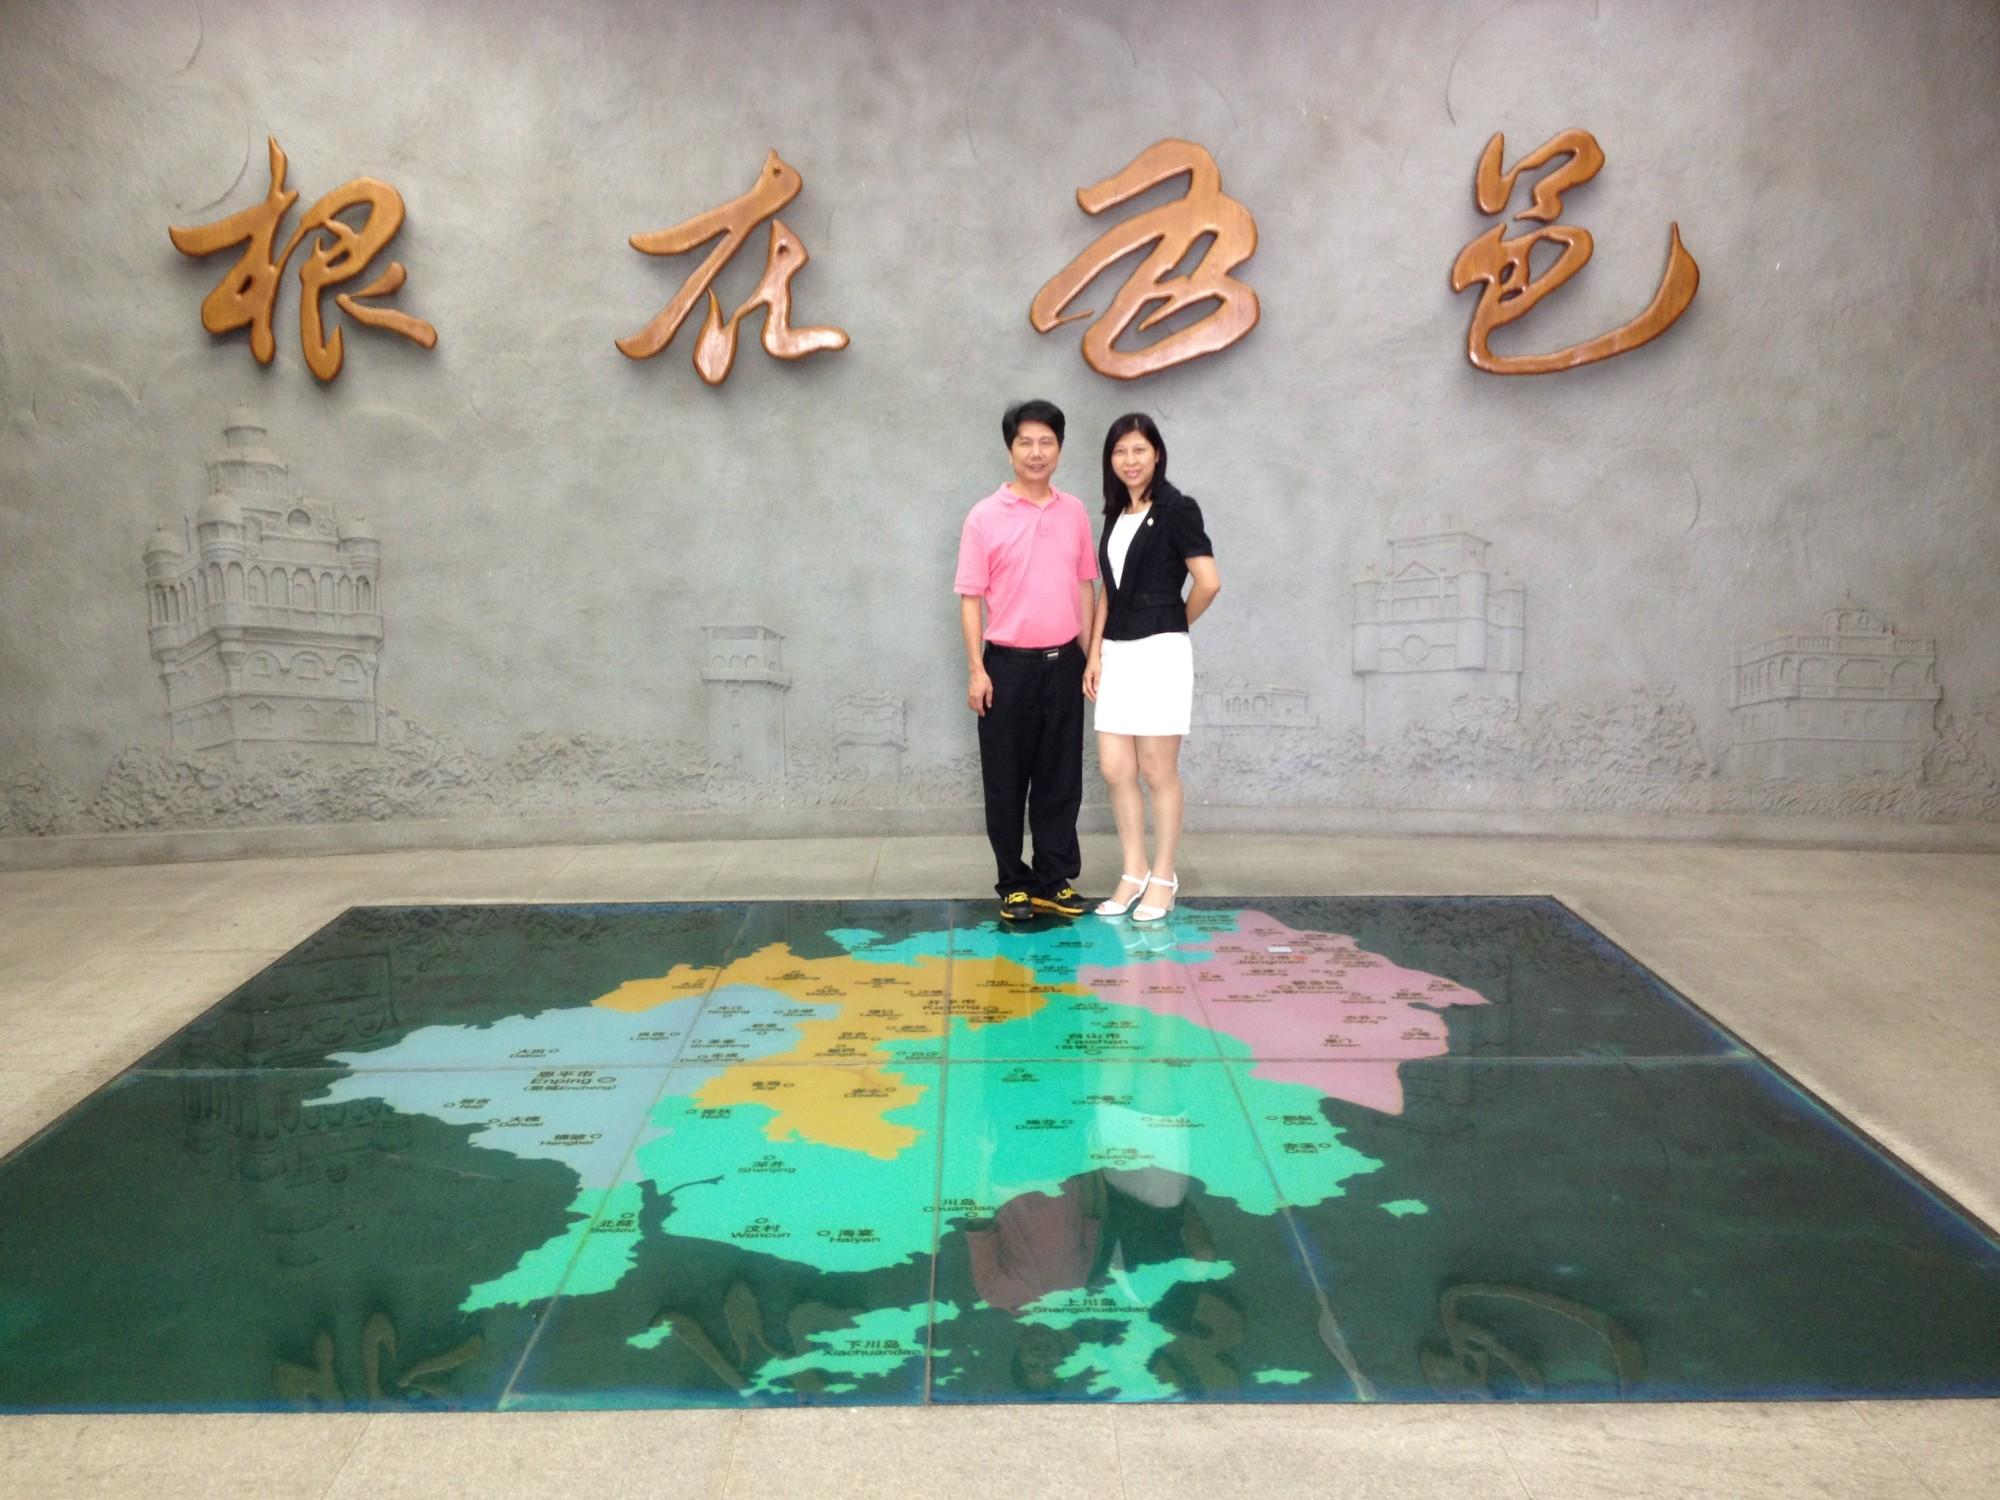 读者来稿:《根在五邑》抗日战争和建设新中国的贡献